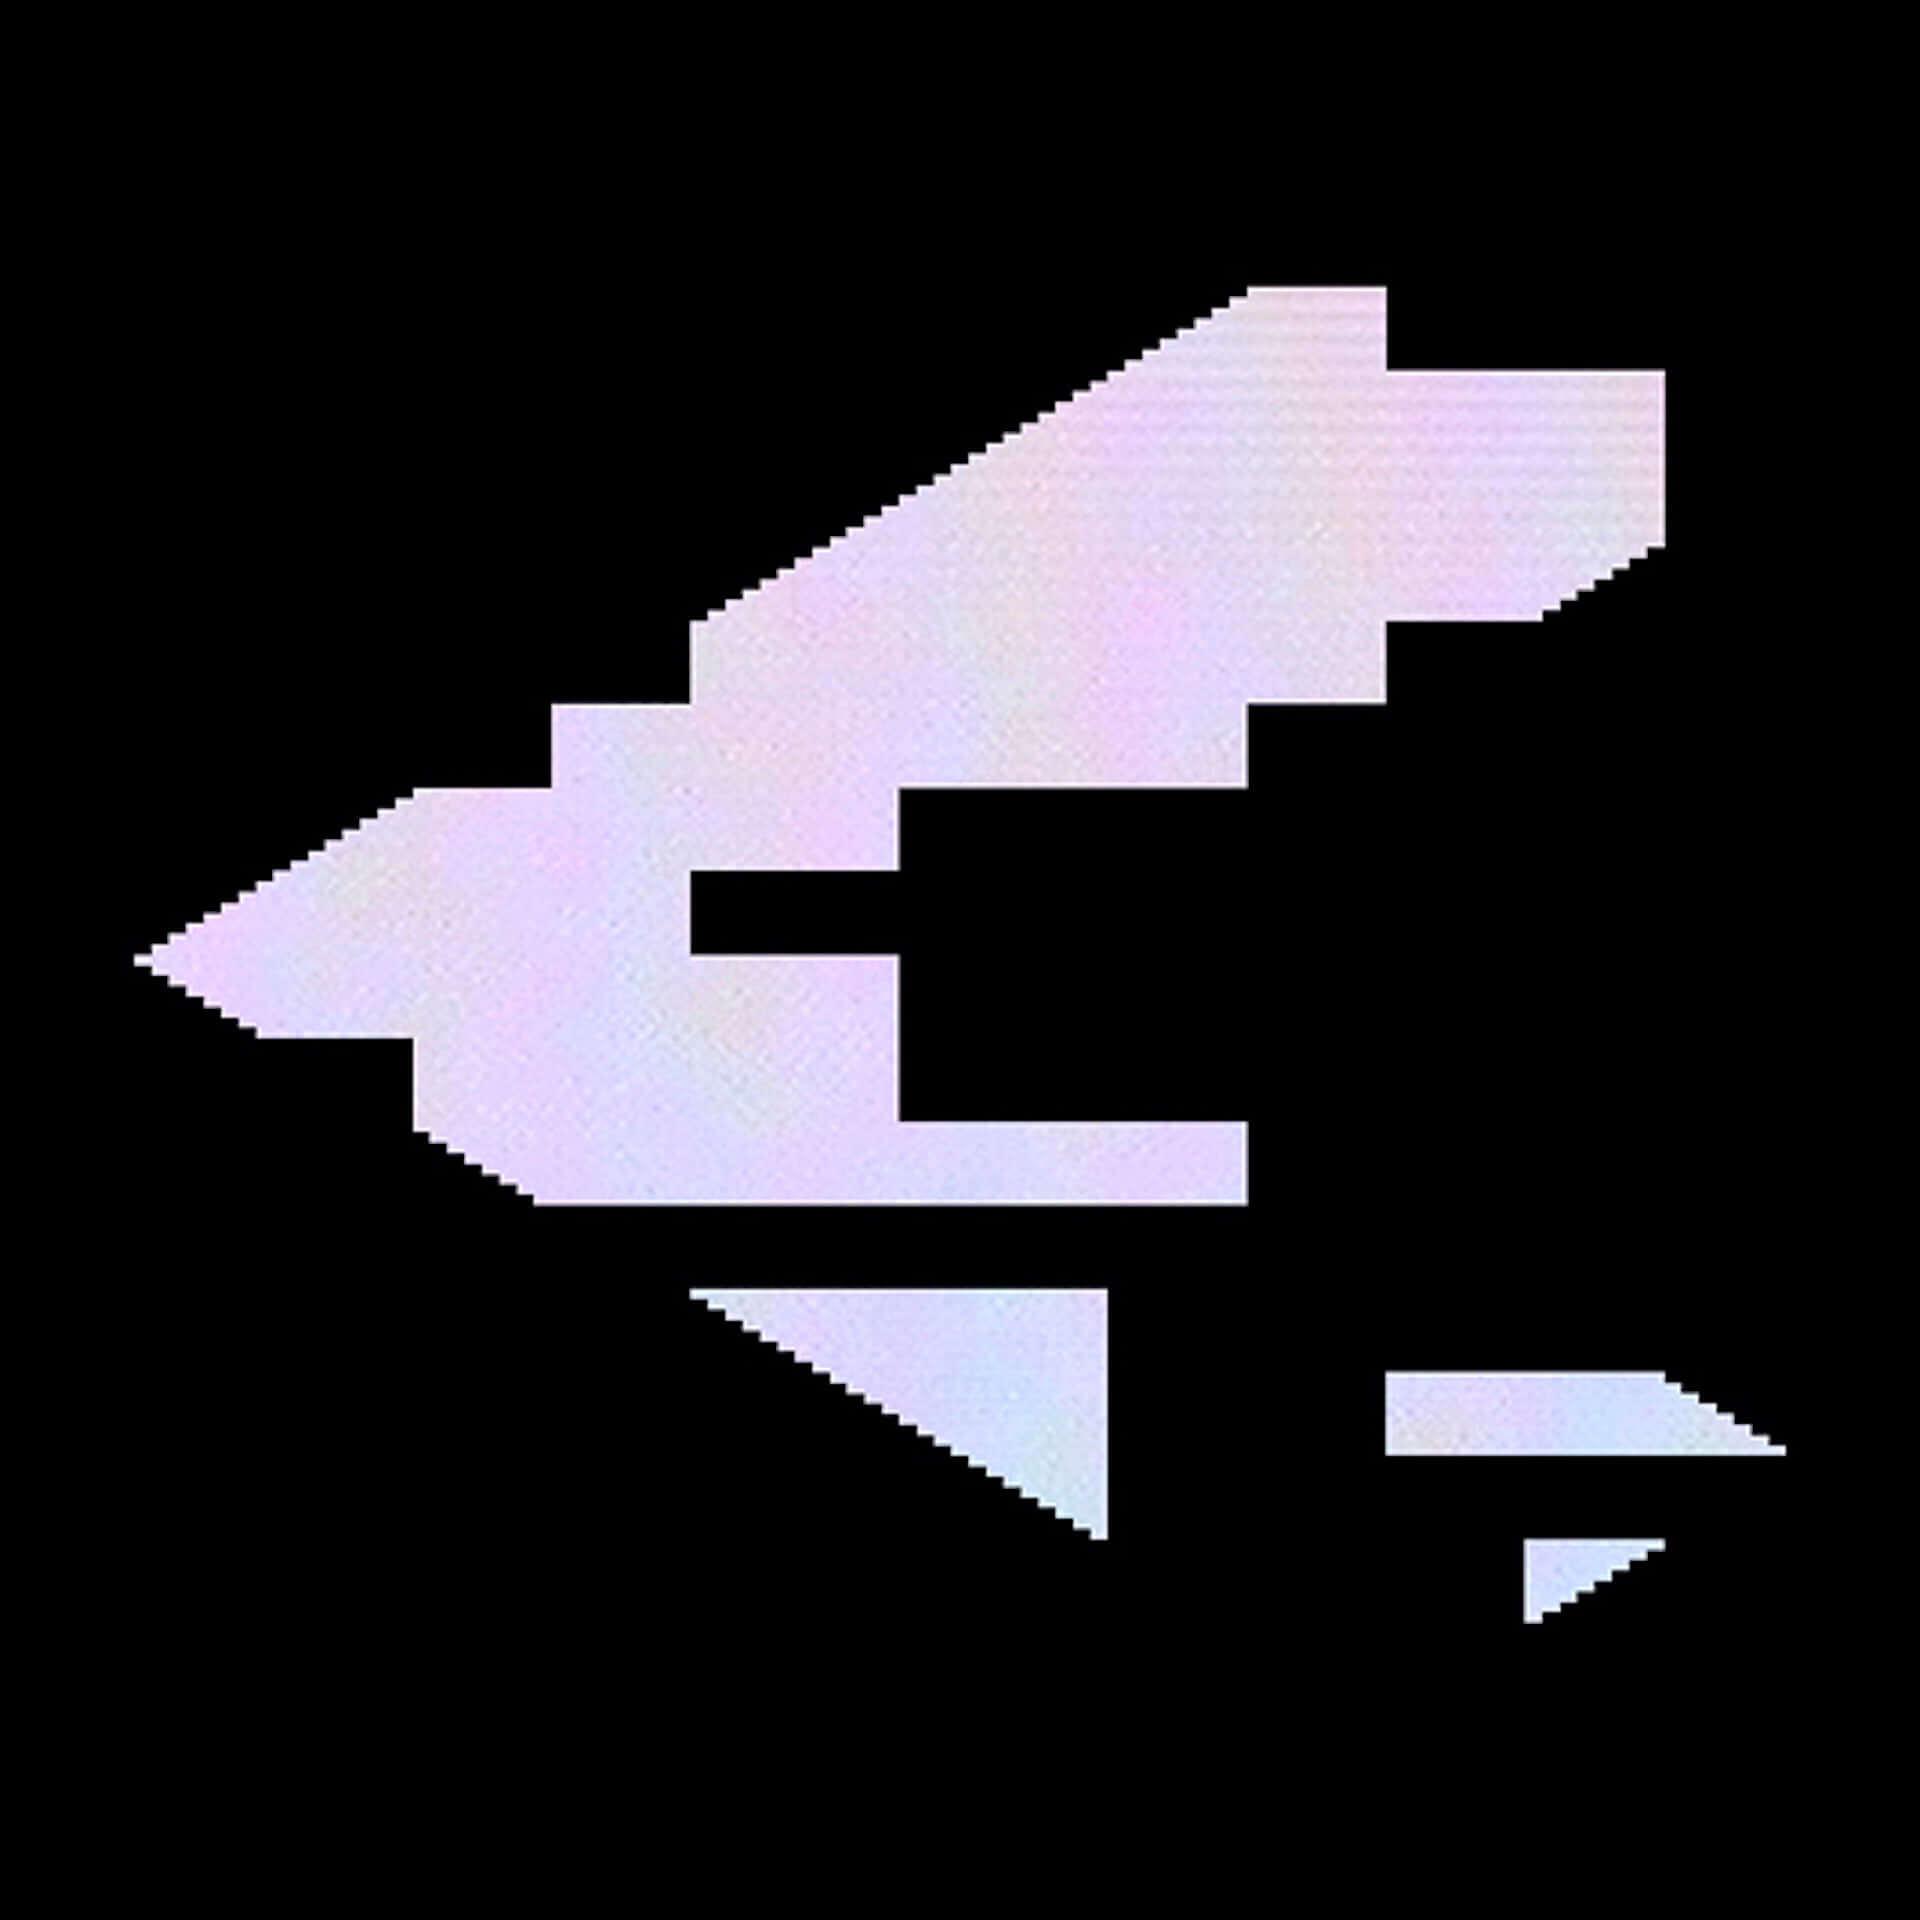 真鍋大度、清水憲一郎が手掛けたSquarepusherのMV『Terminal Slam』が「アルス・エレクトロニカ賞2020」栄誉賞を受賞! music200616_squarepusher_5-1920x1920